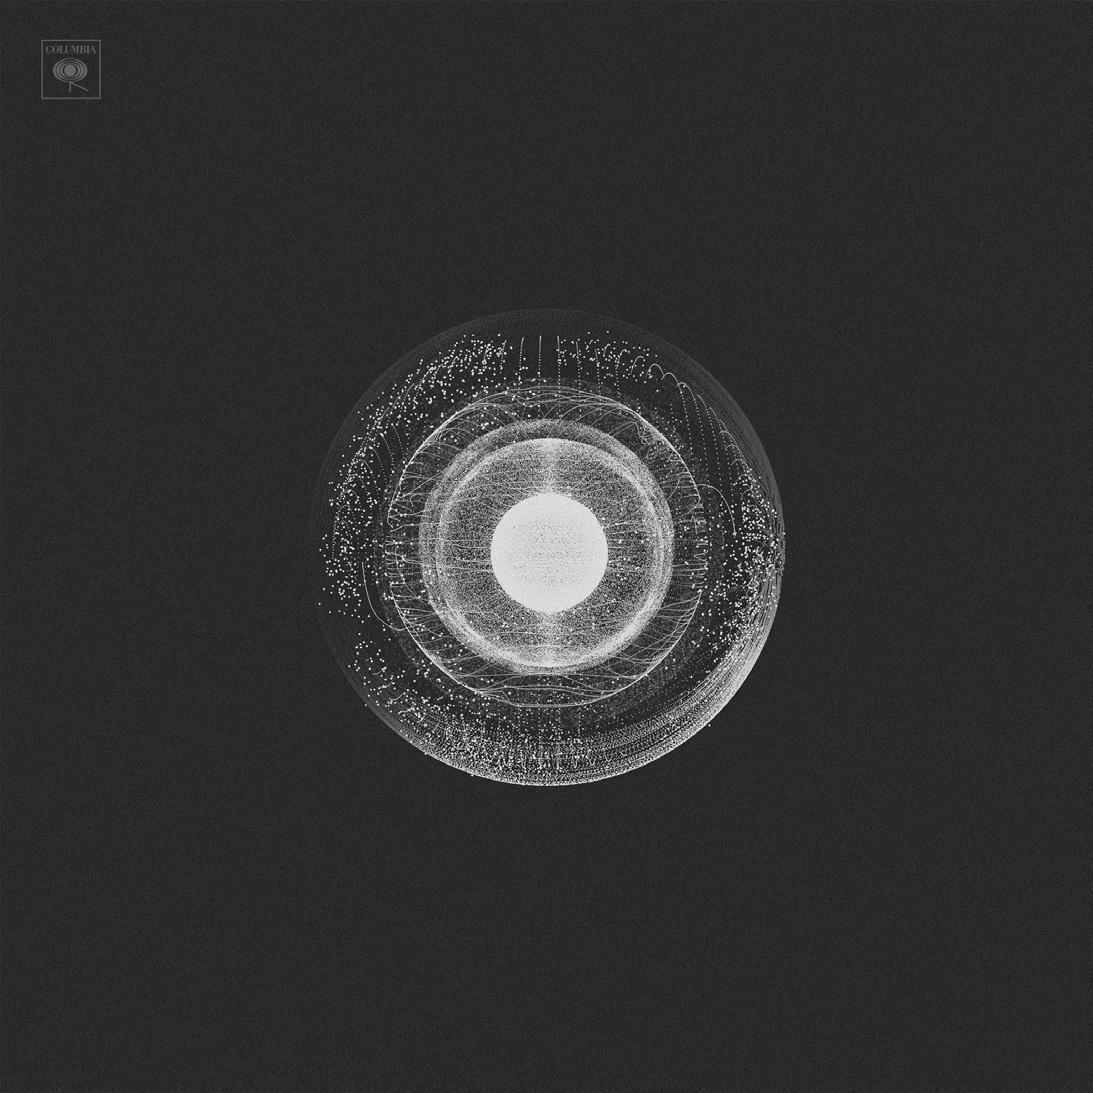 Alter Echo - Dizzy Mizz Lizzy - Musik - SONY MUSIC - 0194397196627 - March 20, 2020